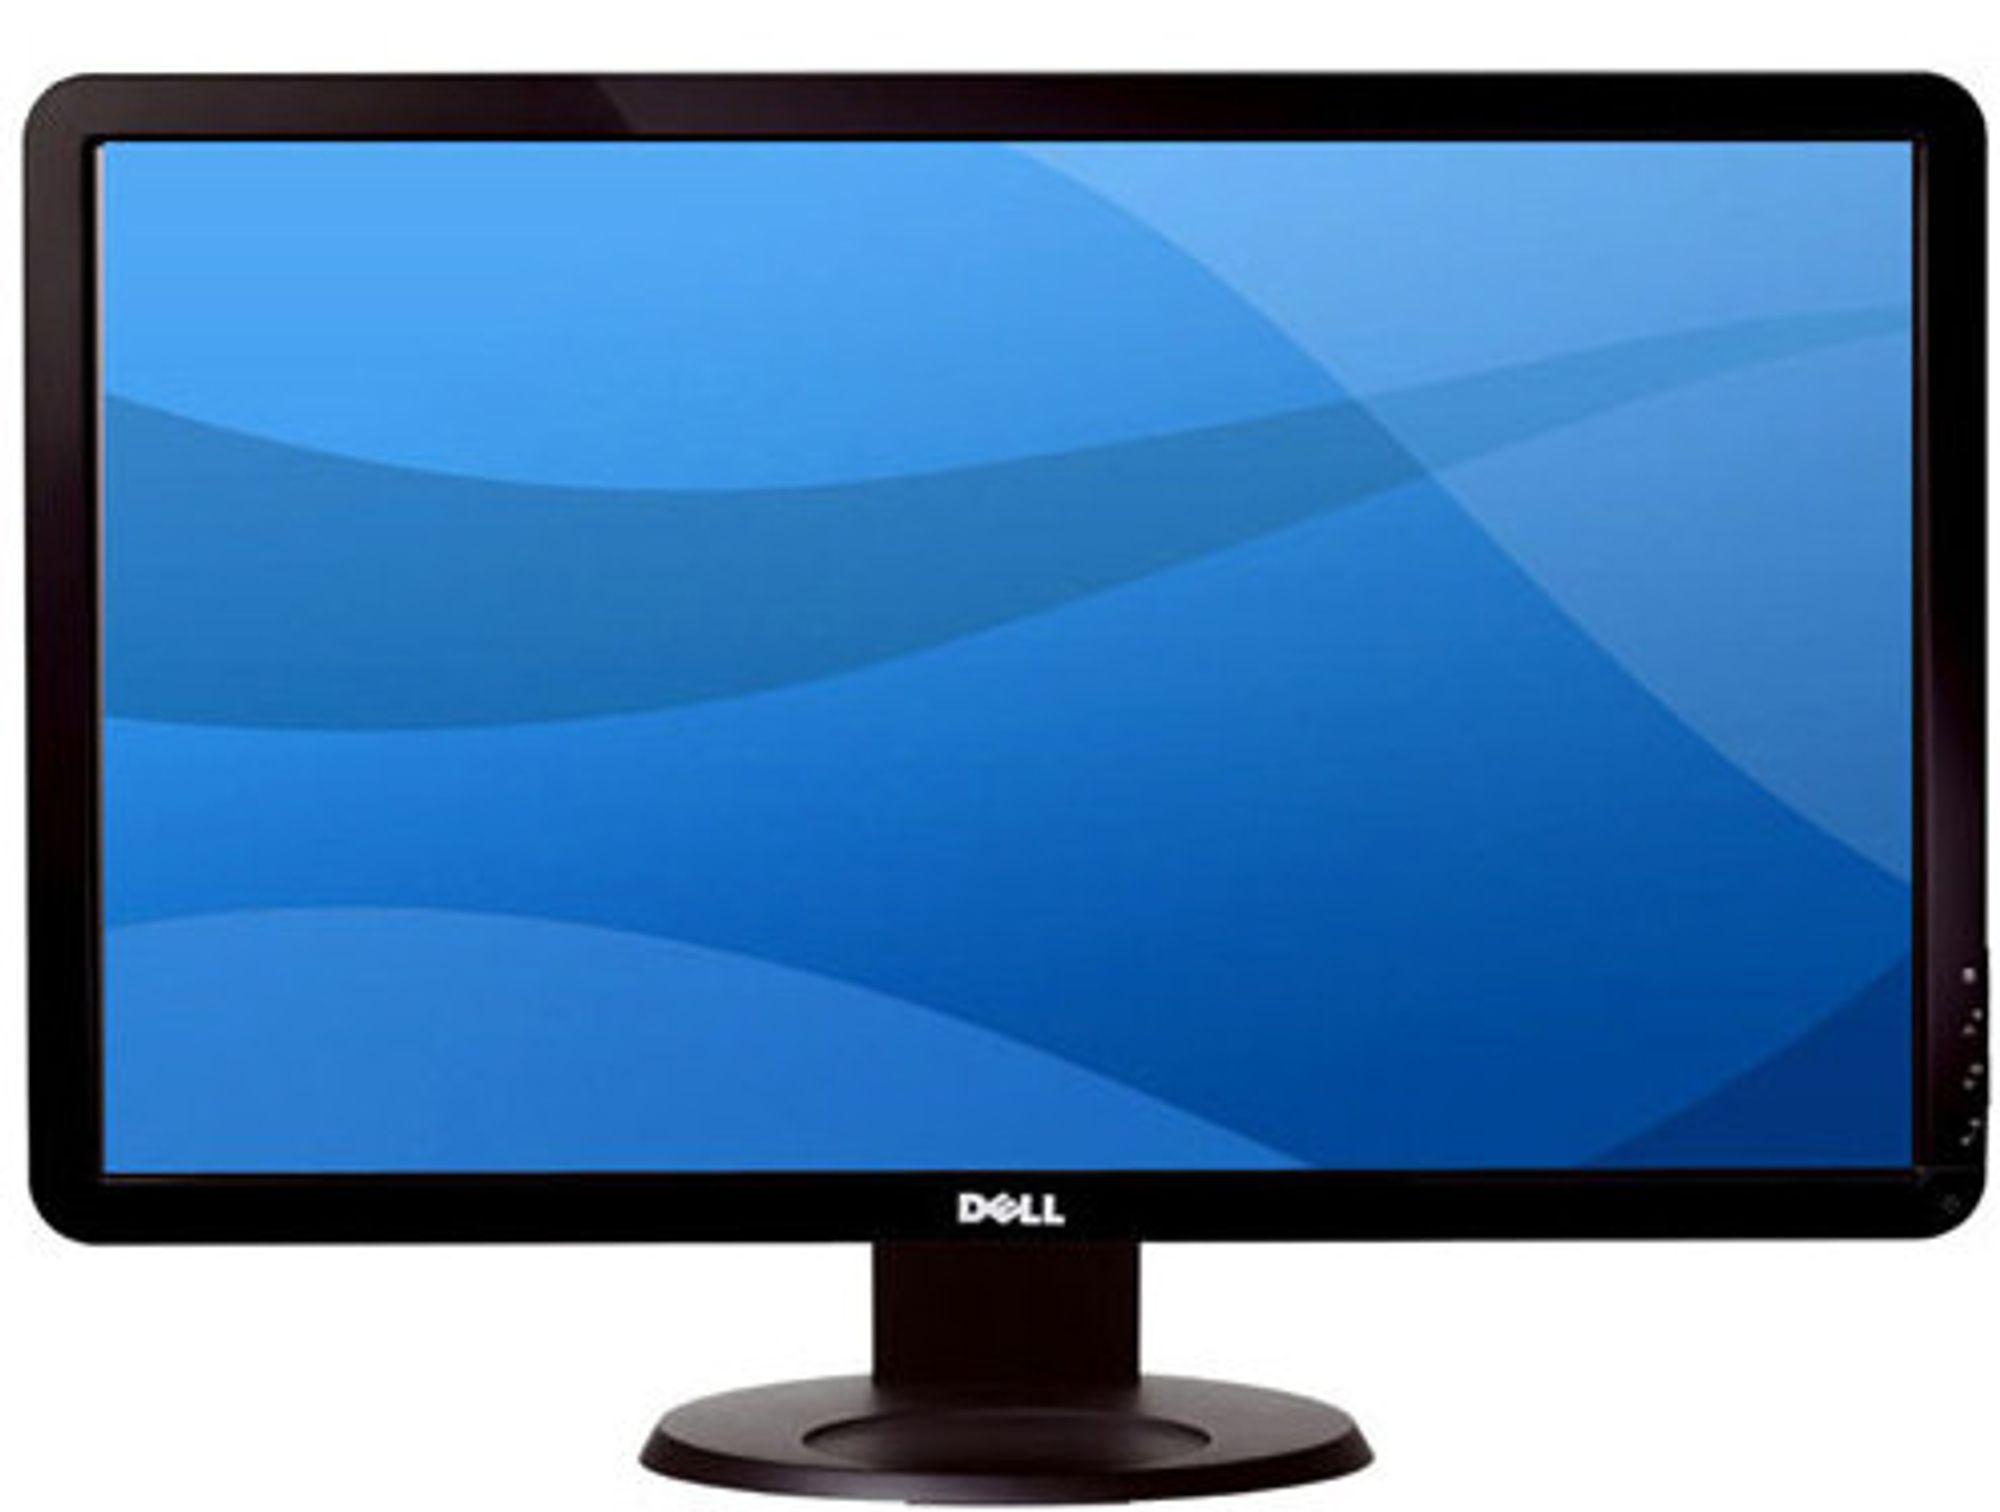 Dell S2409W